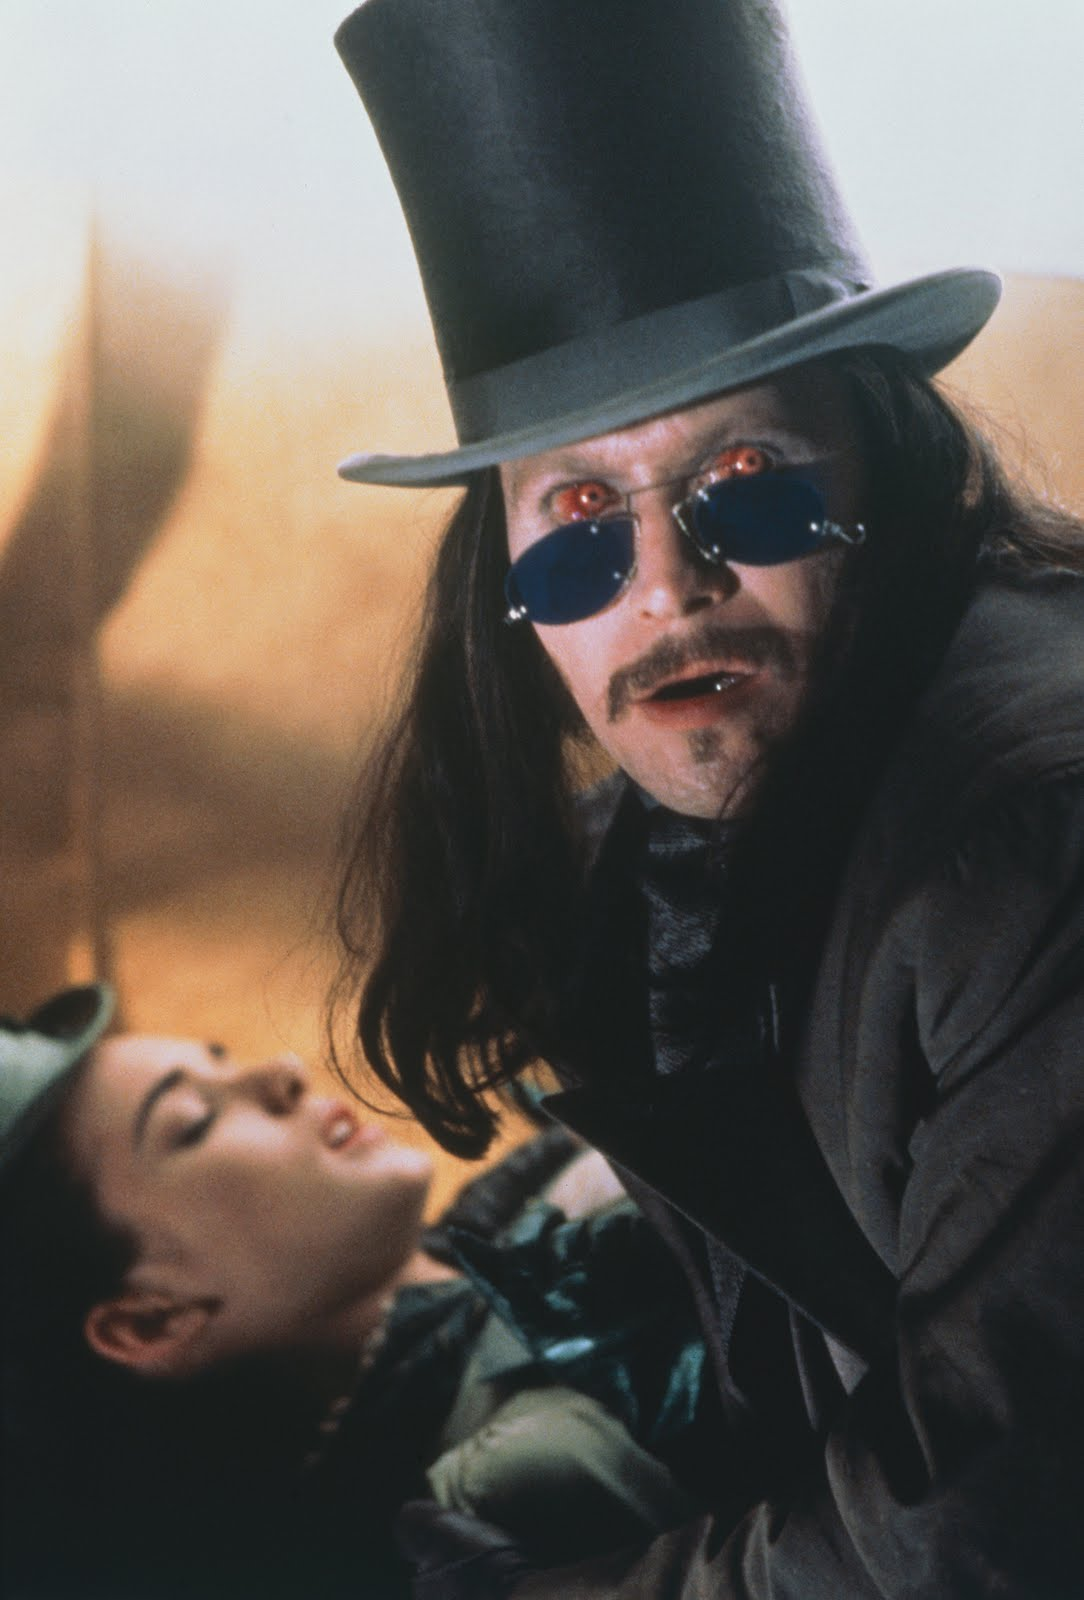 http://4.bp.blogspot.com/_0lkHFmksBHE/SwvmuL82V2I/AAAAAAAACAE/2TVnGKd4cUo/s1600/__extra_24391-Bram-Stokers-Dracula3.jpg